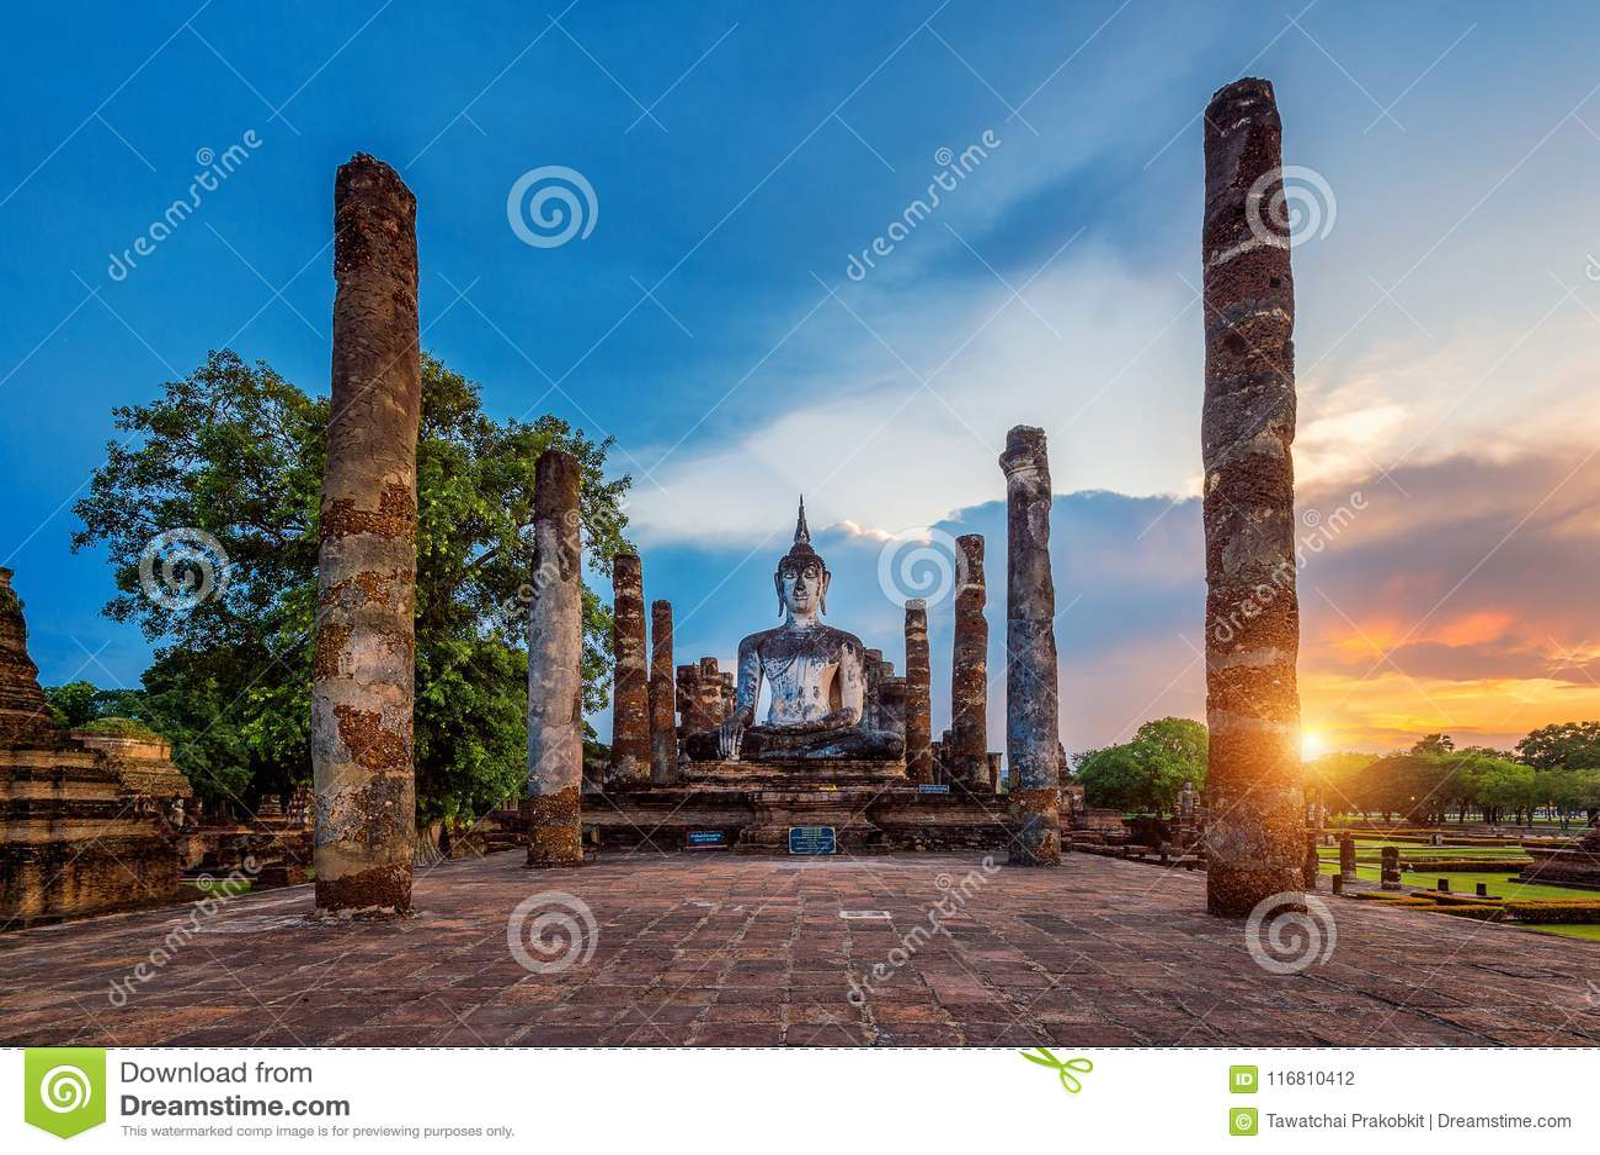 Statua e Wat Mahathat Temple di Buddha nel recinto del parco storico di Sukhothai